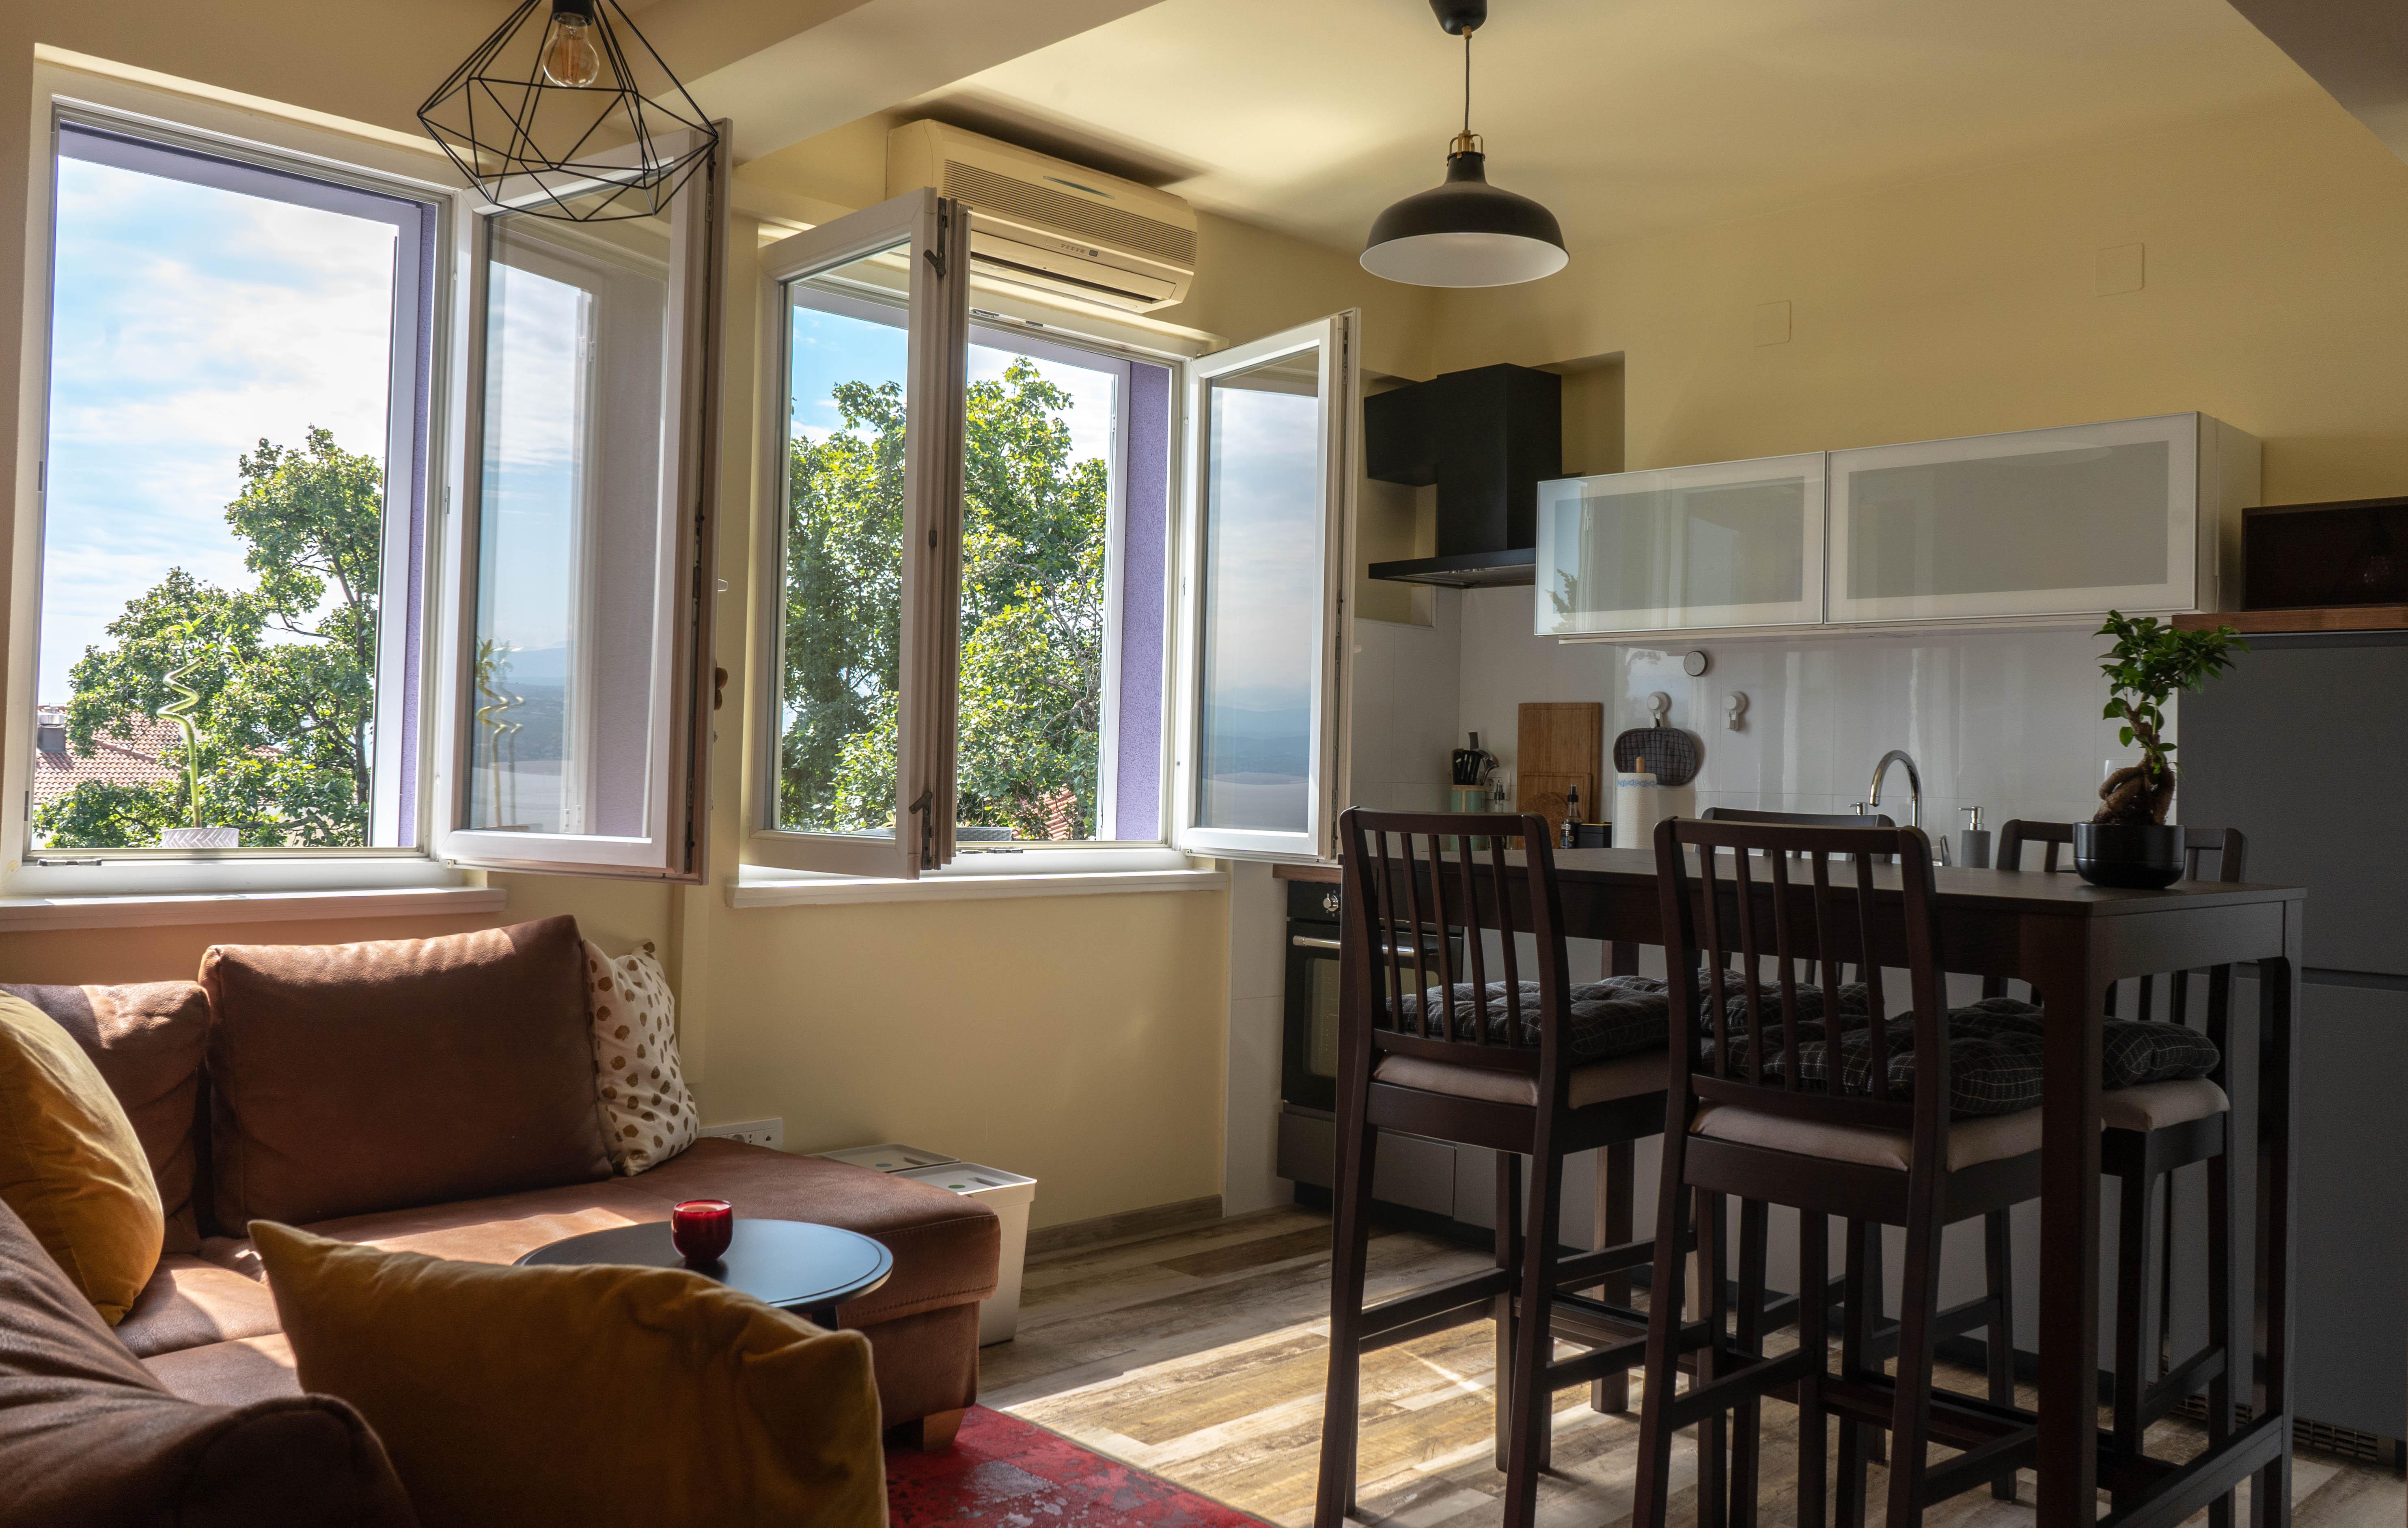 Appartement de vacances Wohnung mit Meerblick (2819649), Opatija, , Kvarner, Croatie, image 1